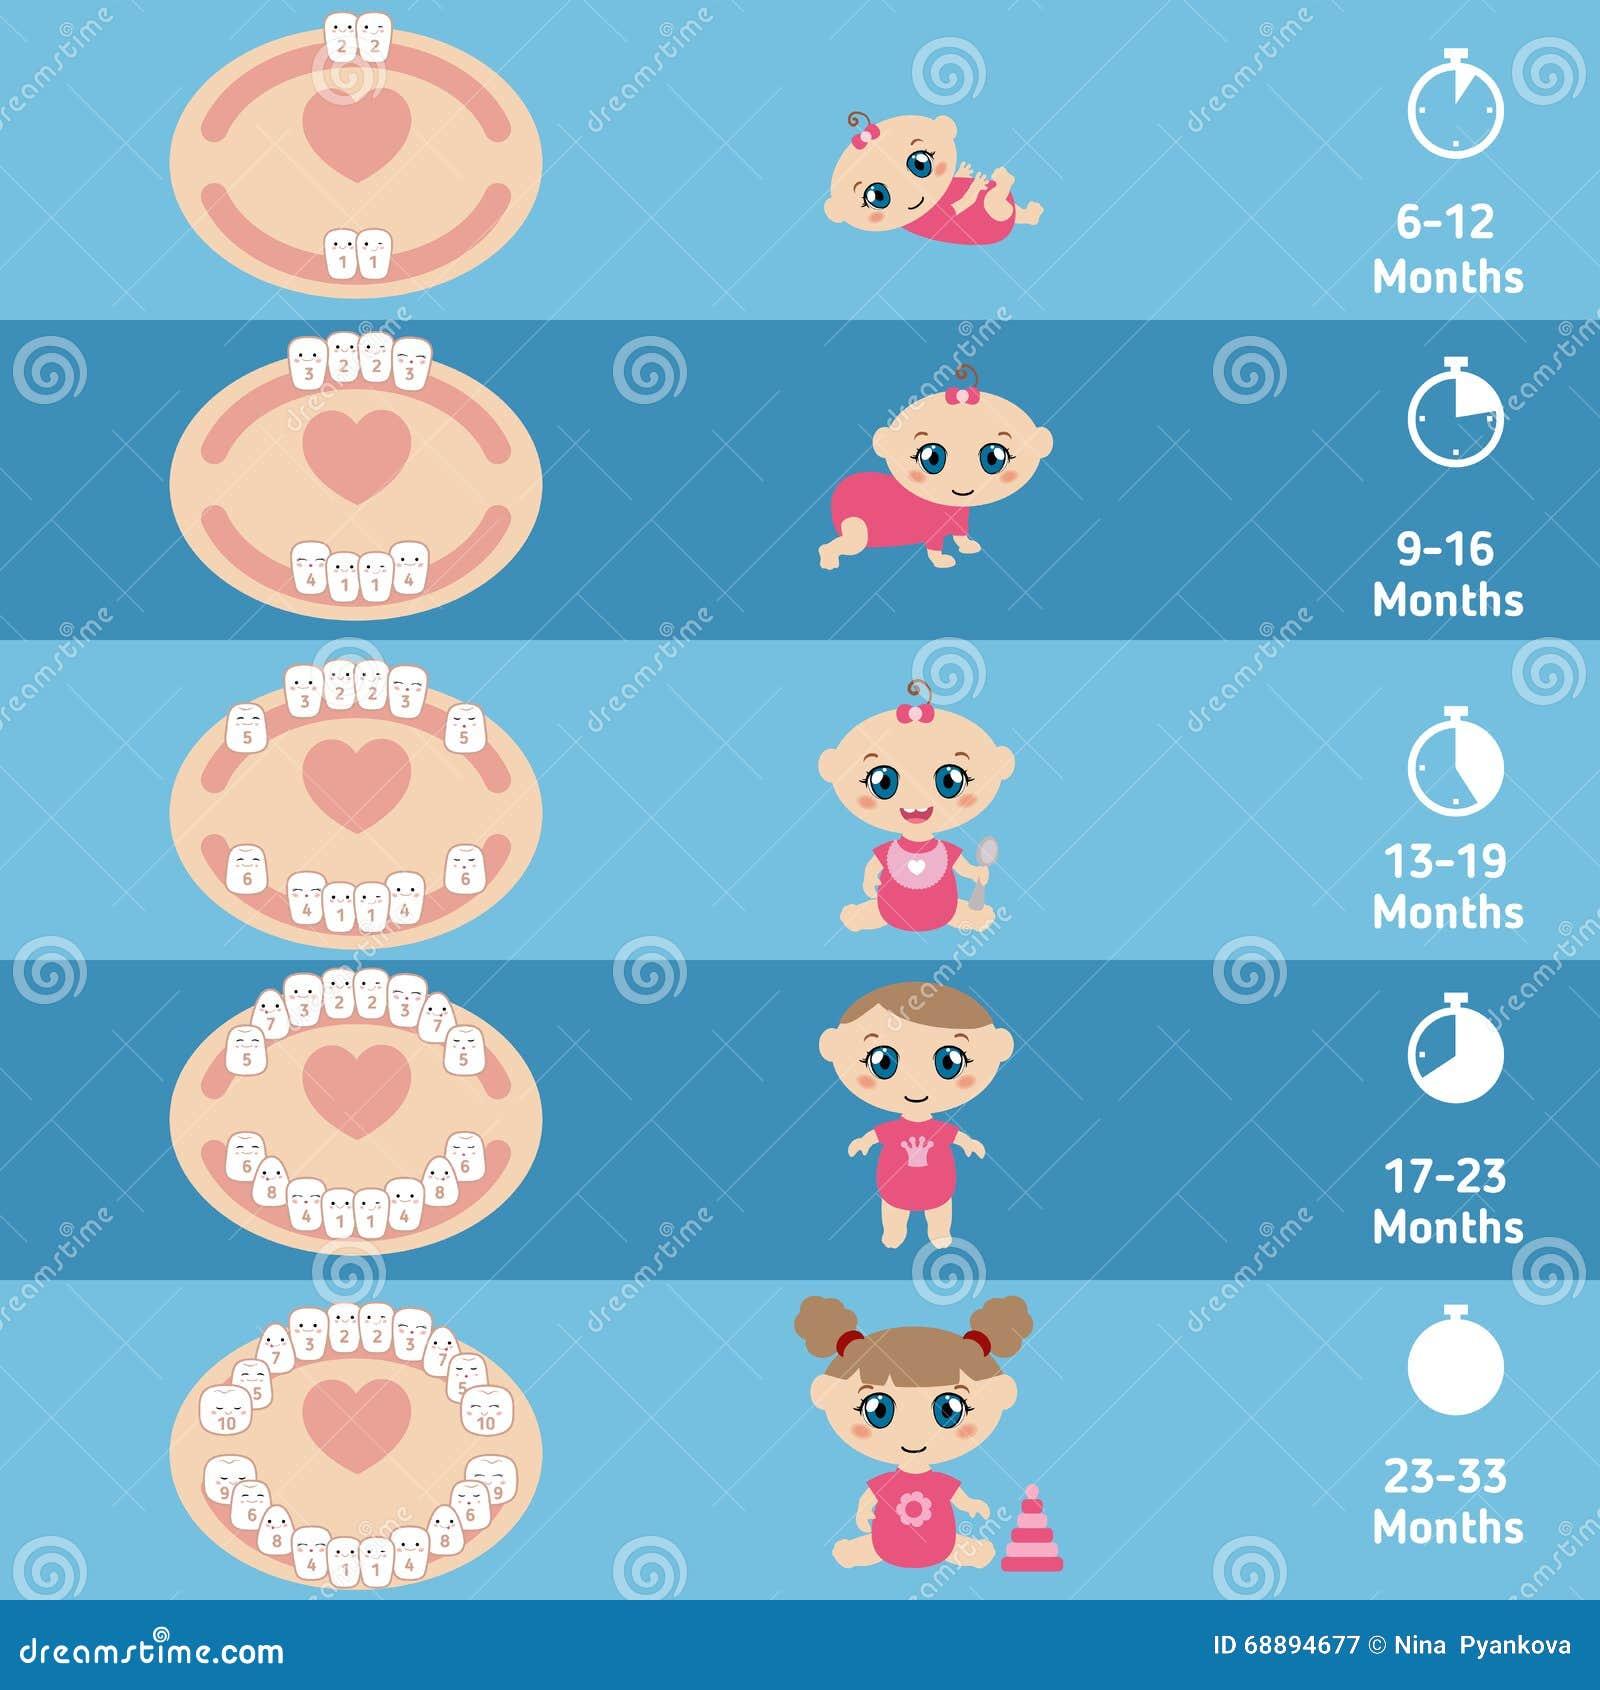 Baby Teething Chart Stock Vector - Image: 68894677